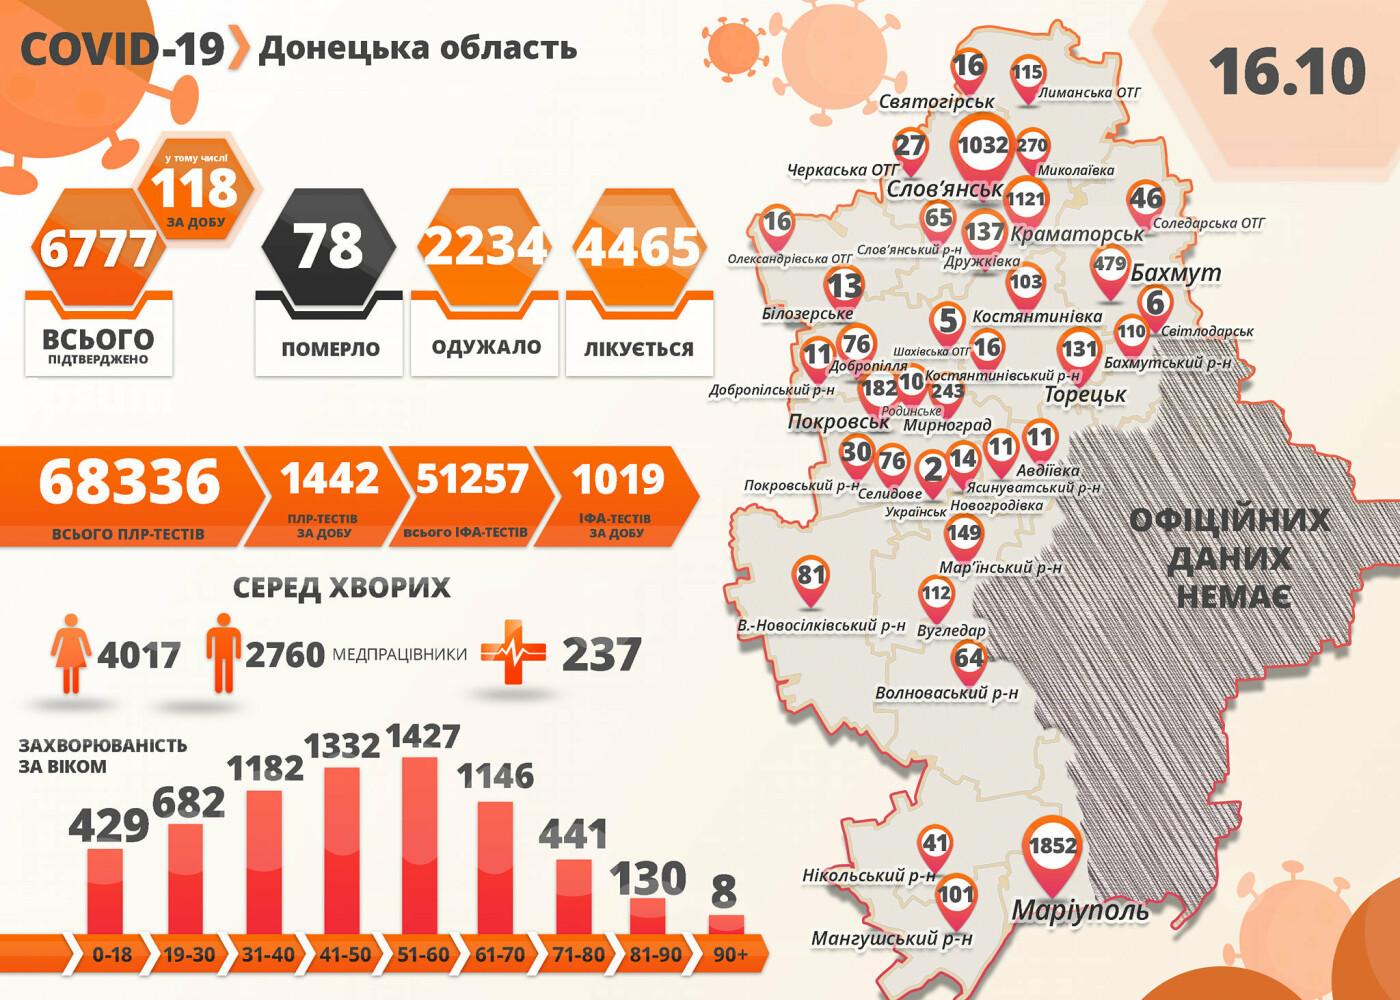 1216850448220550285435866580840462967013382o 5f8ac07cb08e5 - В Донецкой области 118 новых случаев коронавируса